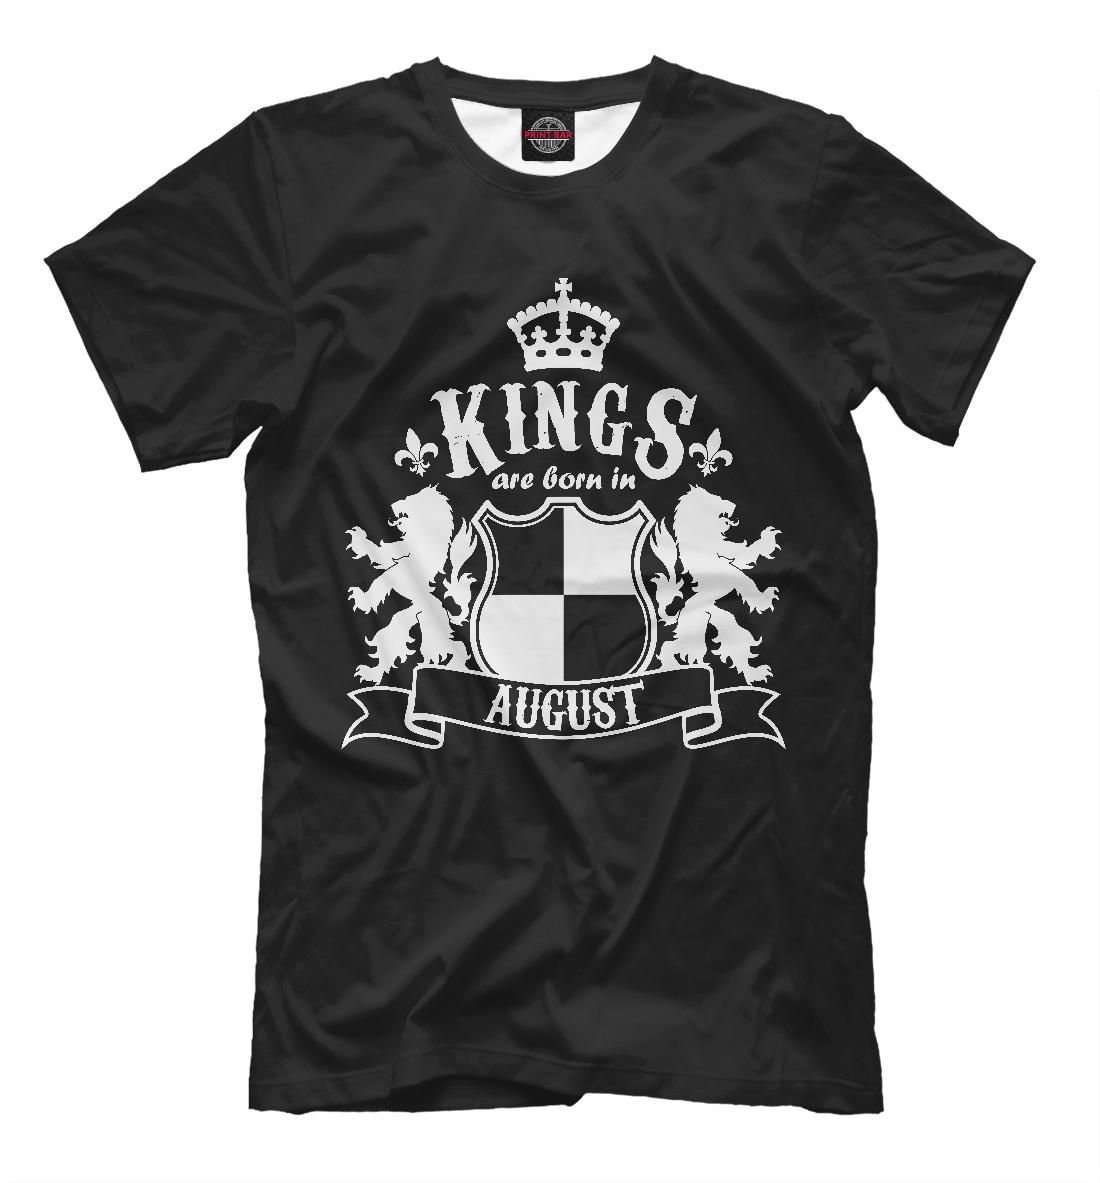 Купить Короли рождаются в августе, Printbar, Футболки, DRZ-305096-fut-2